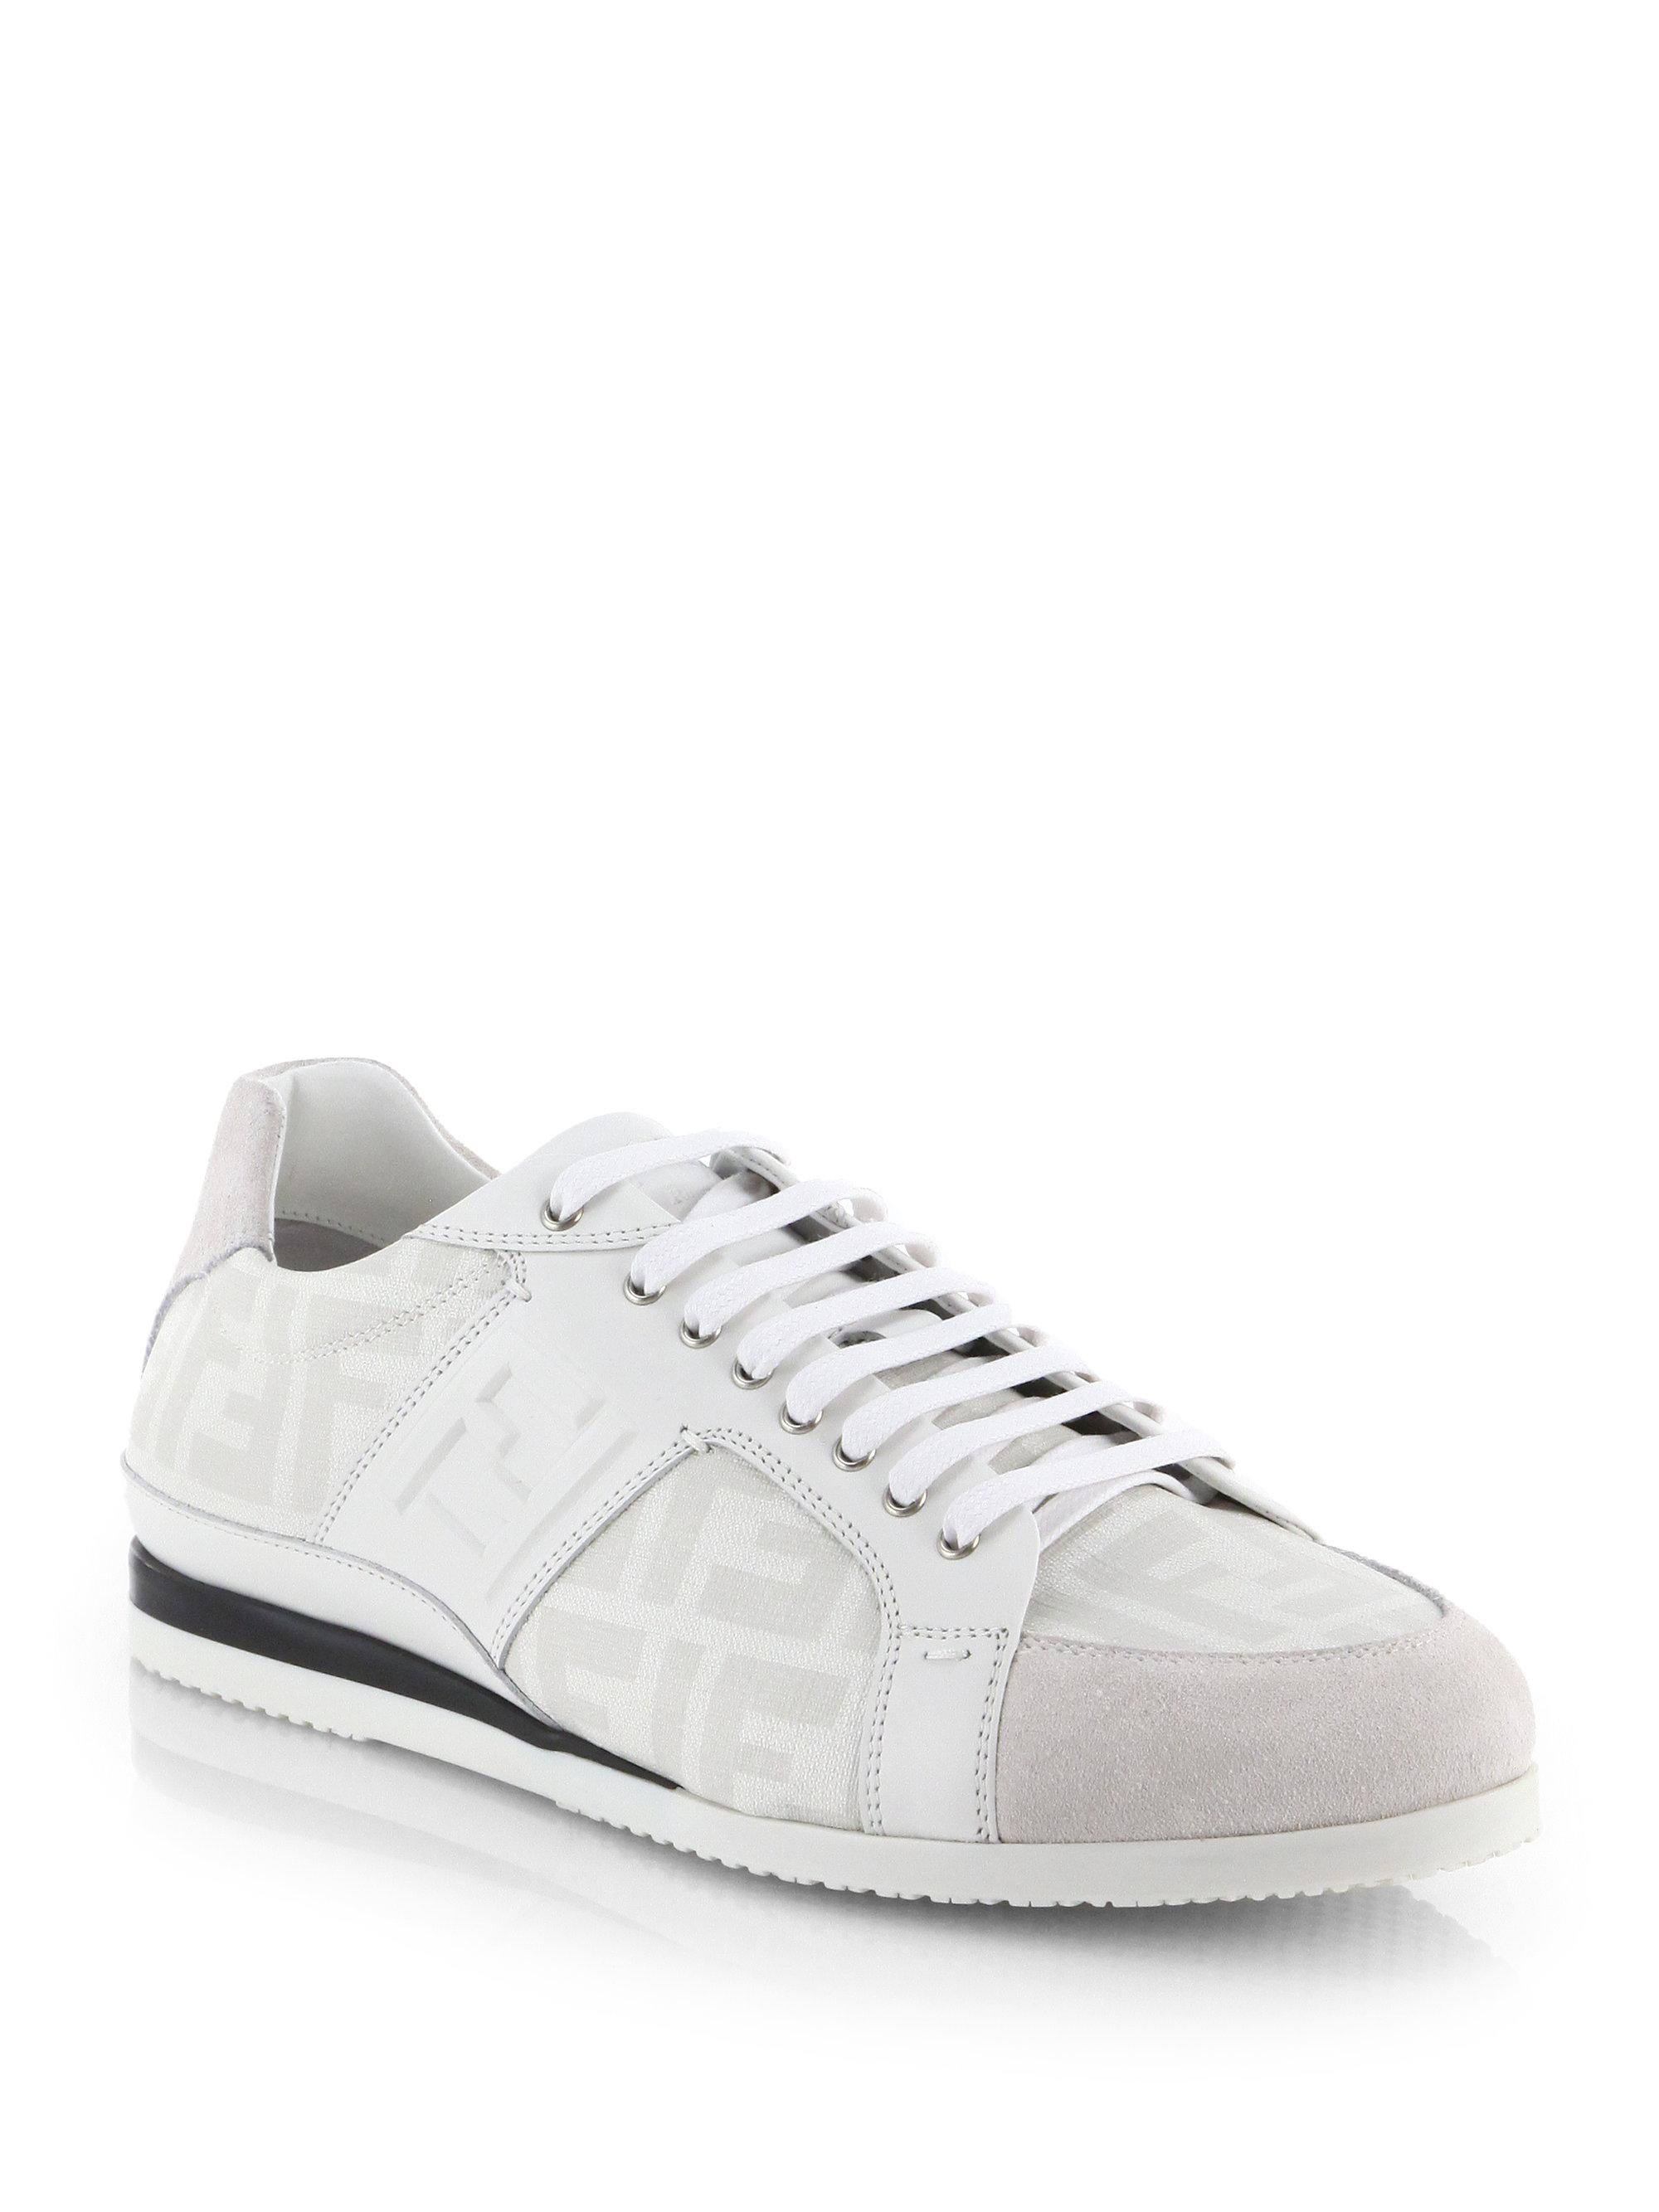 logo lace-up sneakers - White Fendi eRcPwrEdJj